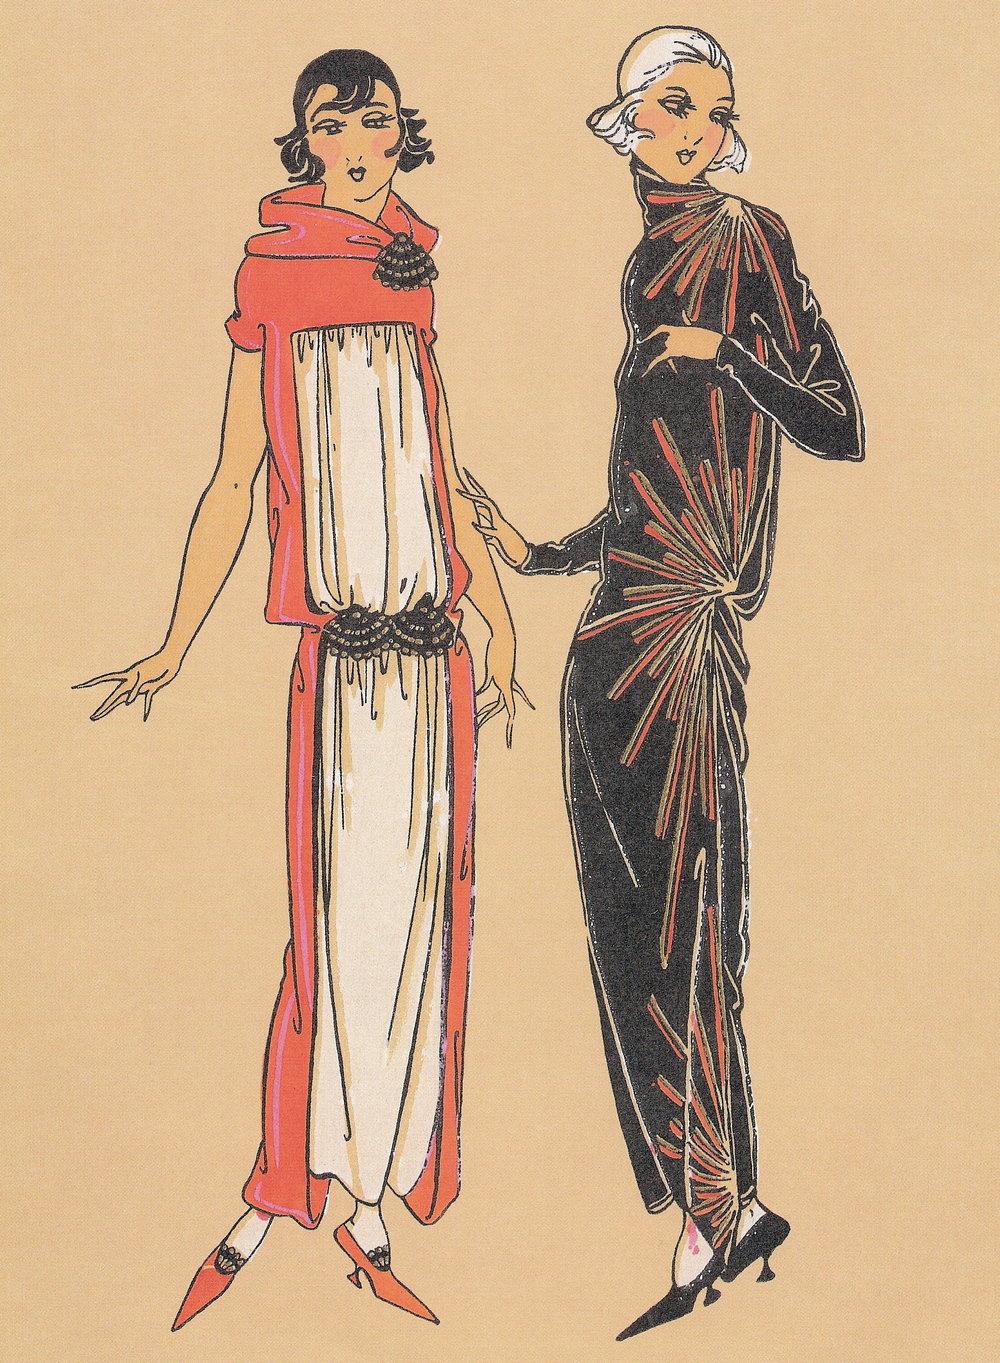 blog art work-vintage deco ladies.Z8twowomendecostarburstdressnowater6.65x9.04.jpg